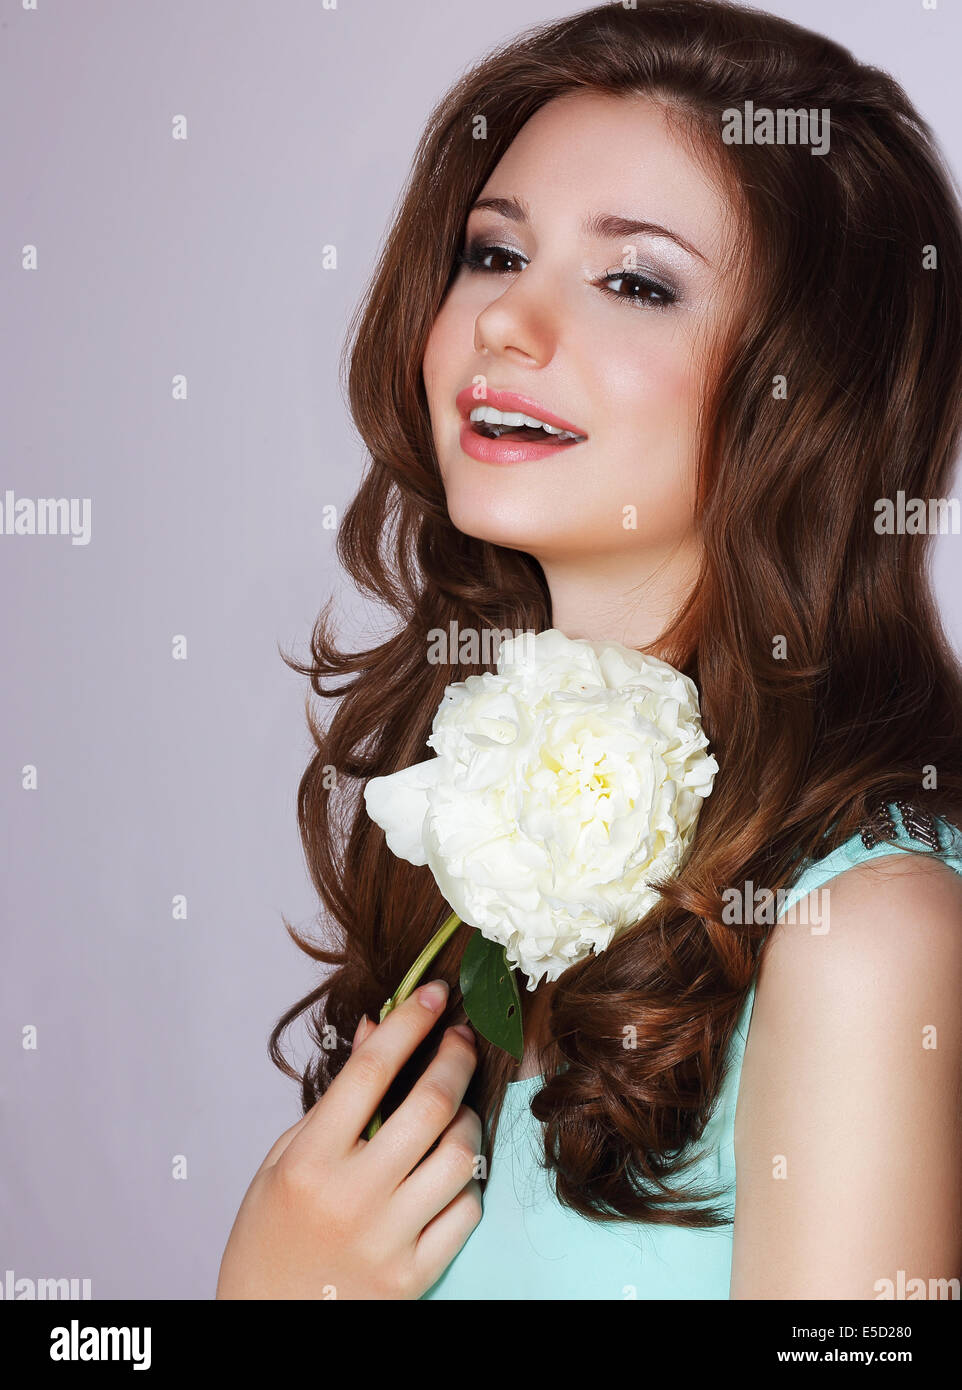 La frescura. Feliz mujer con Peonía sonriendo Imagen De Stock